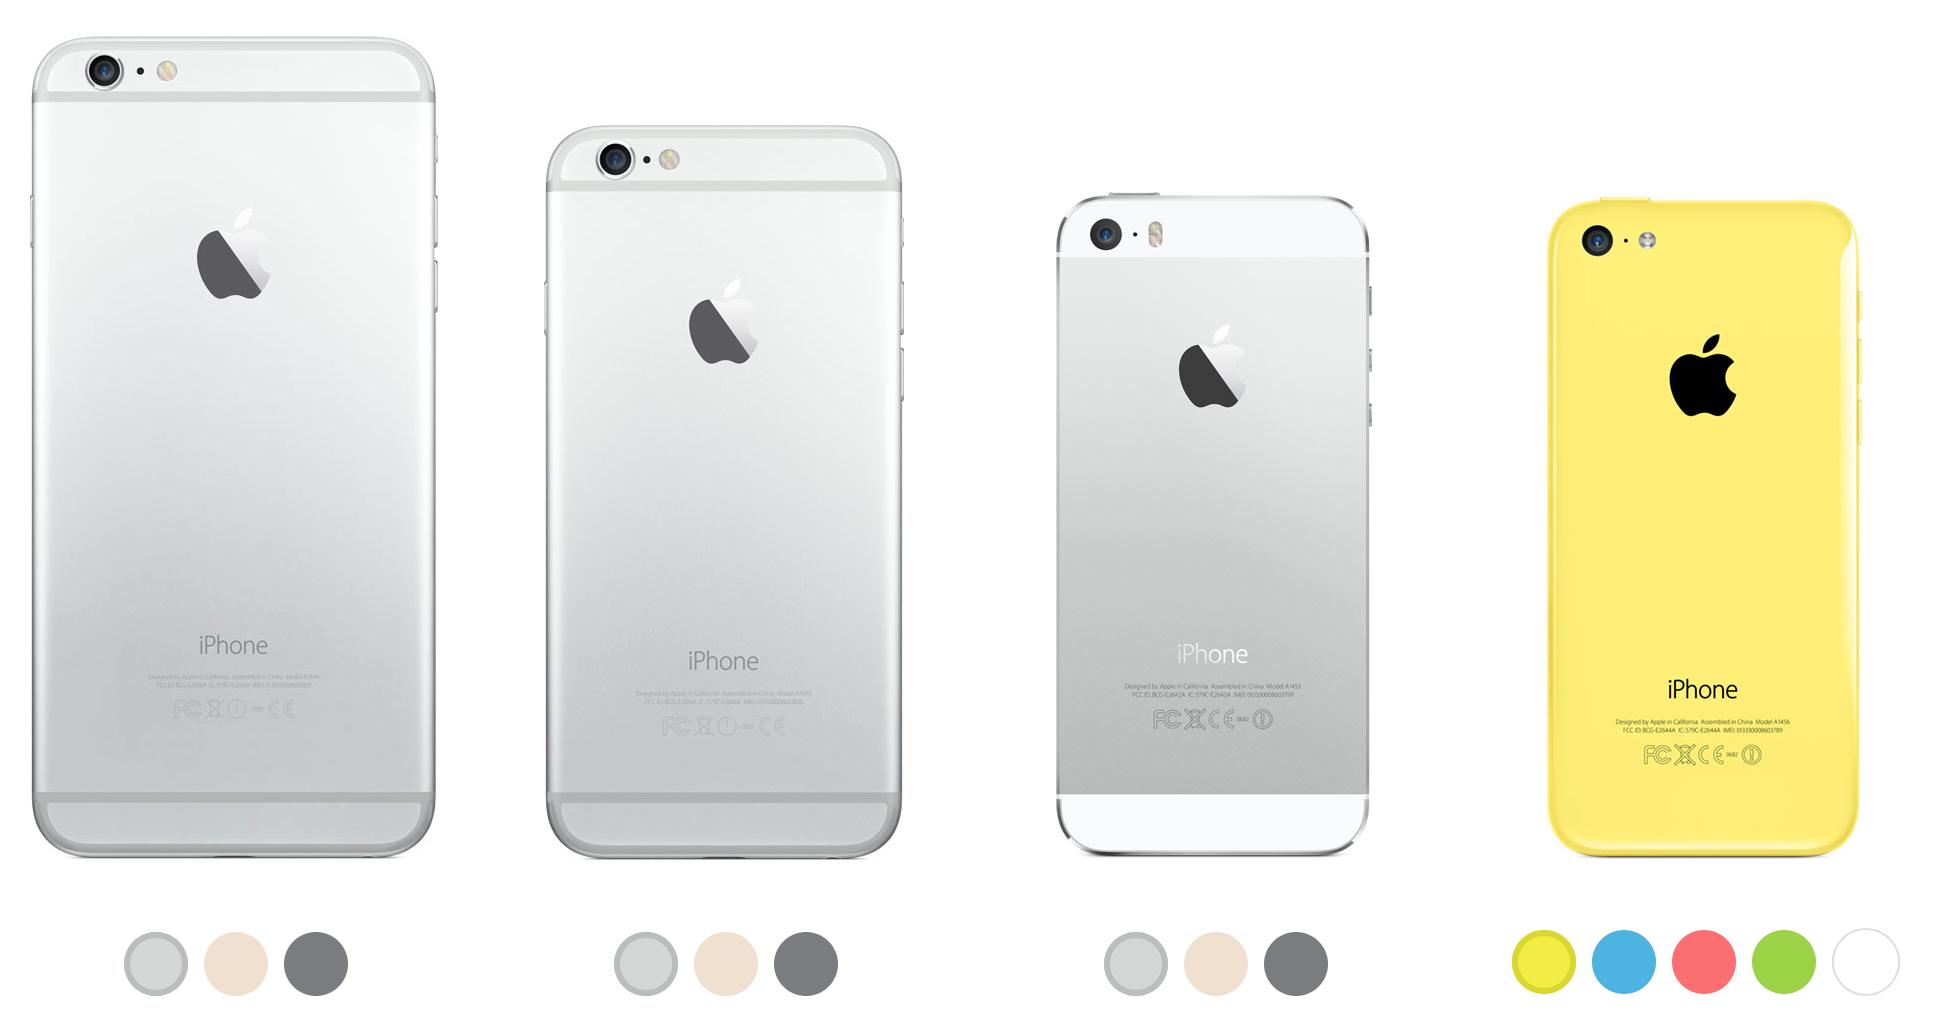 iPhone6発表!真っ先に気になったのがワイシャツポケットに入るか否か!?